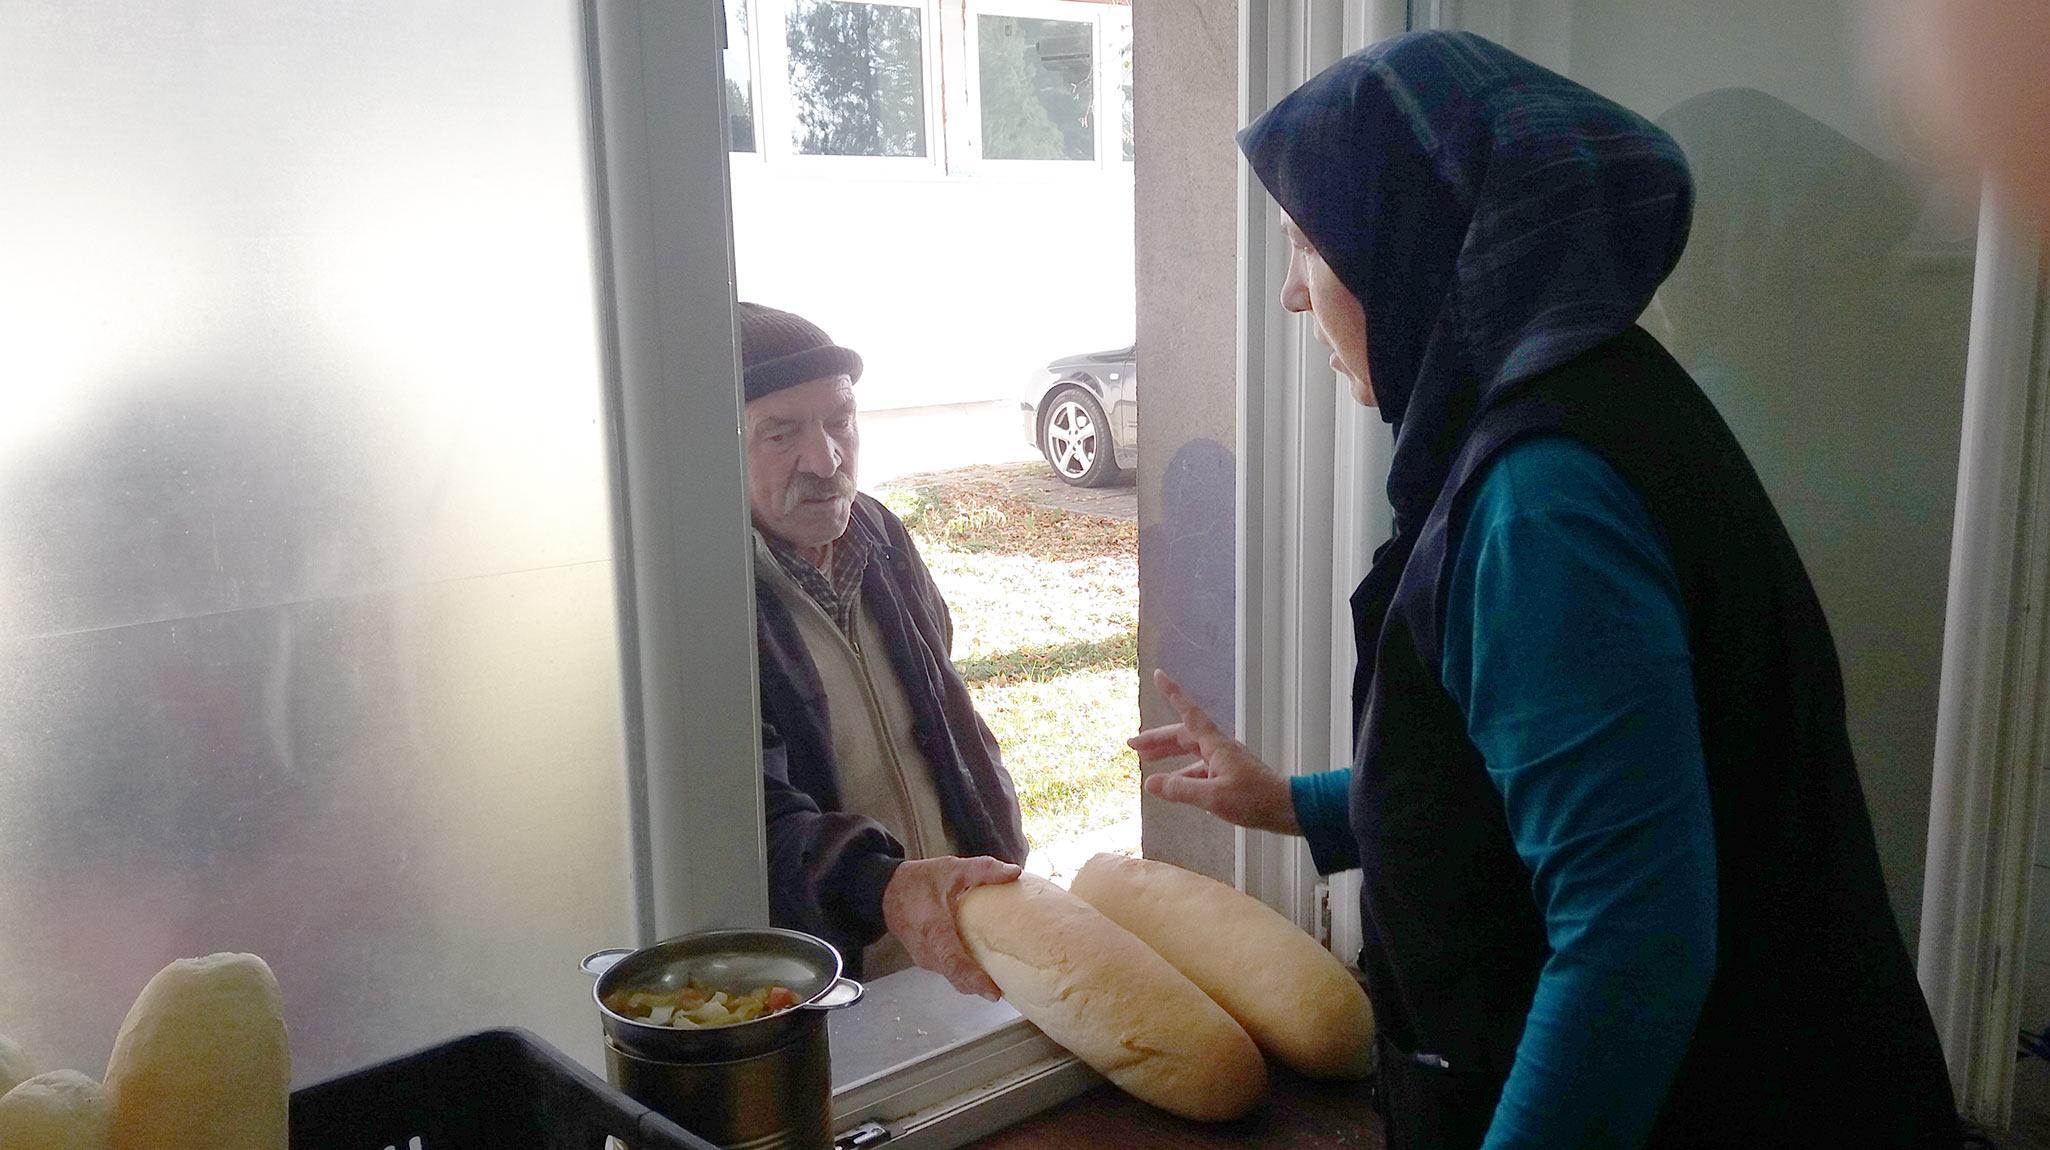 """""""Камо да имав и јас повеќе, па да можам уште им давам"""", вели Беглија Азири, која корисниците на народната кујна во Тетово од милост ја викаат """"директорка"""" и која секој ден готви 100 оброци (Фото: Зандон)"""